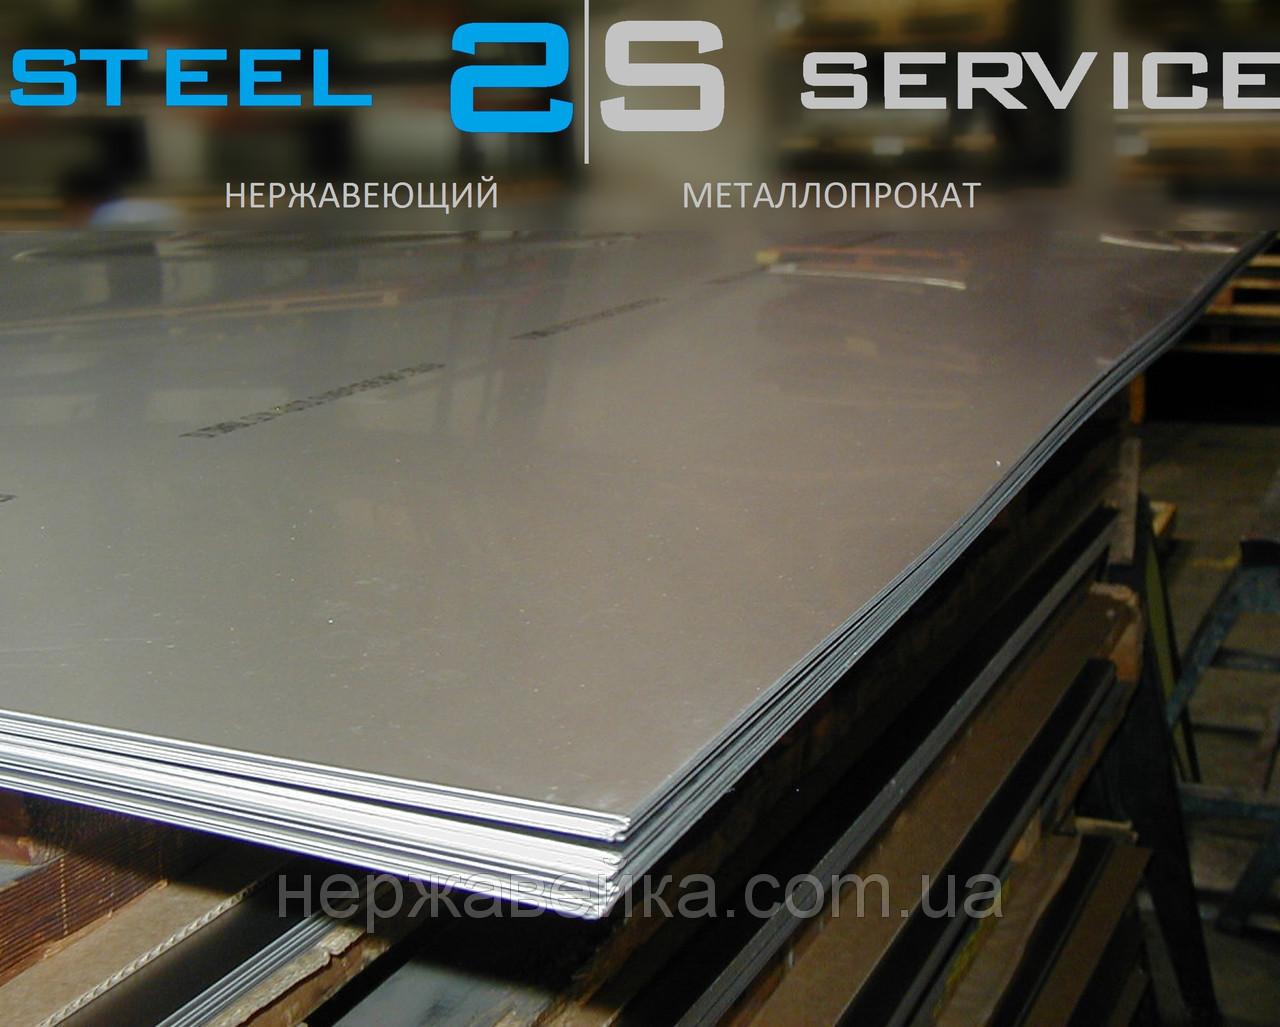 Нержавейка лист 0,8х1500х3000мм AISI 430(12Х17) 4N - шлифованный, технический